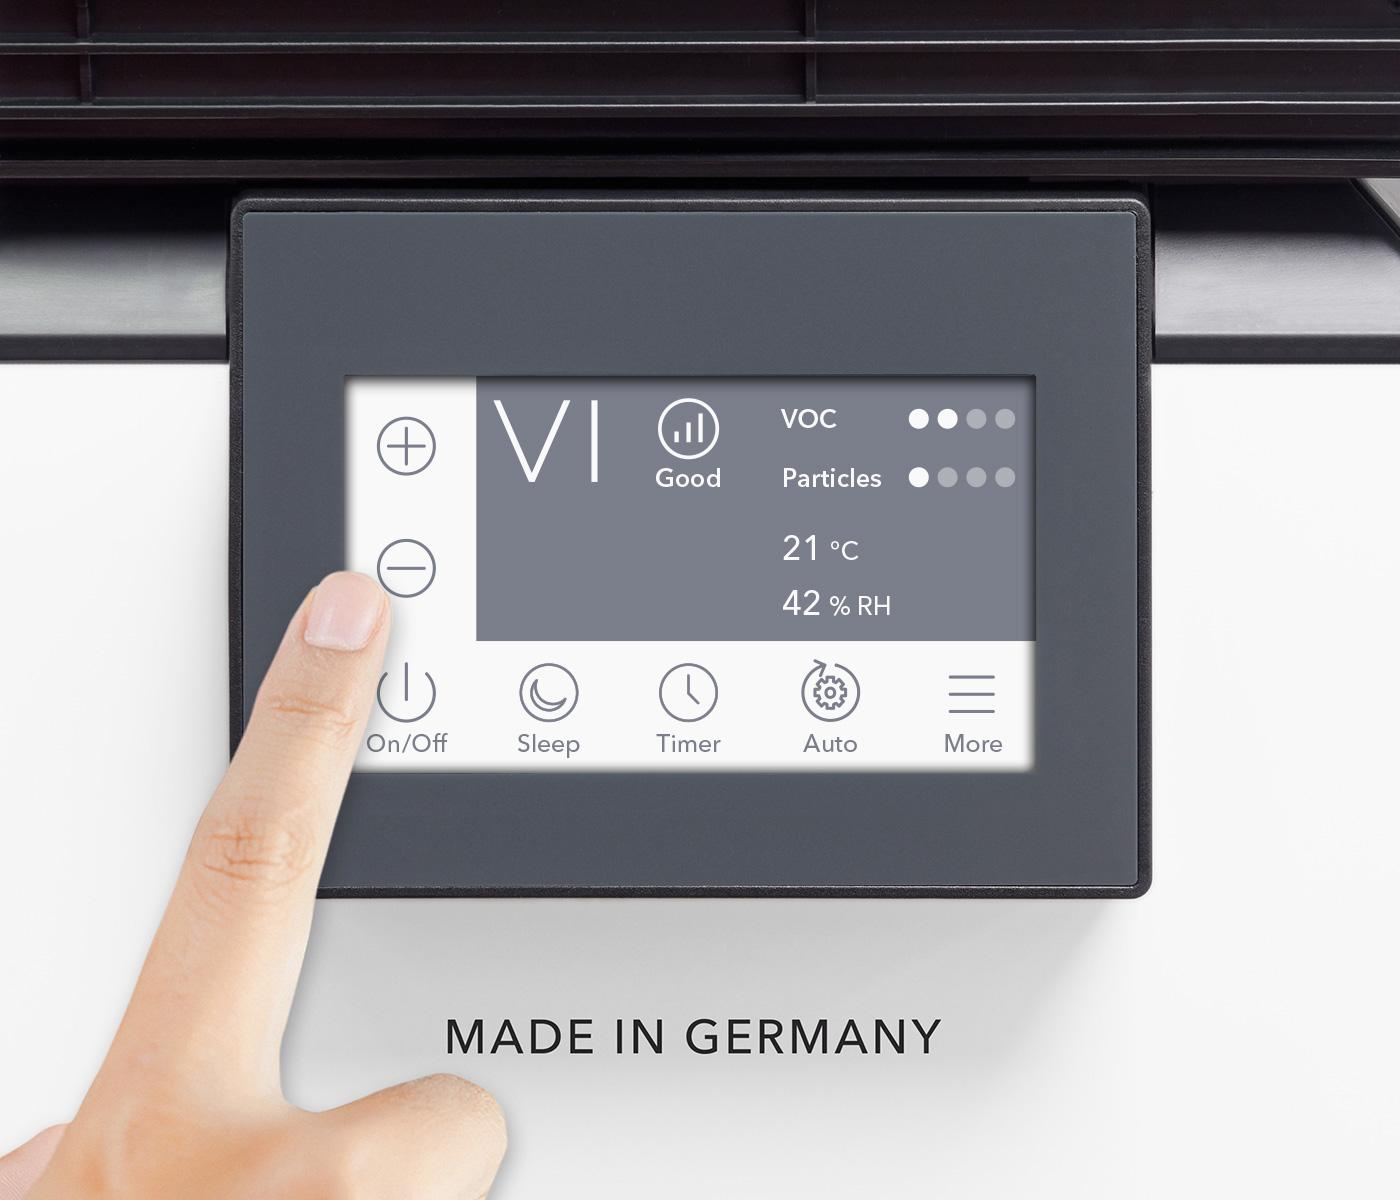 «Touch & Play» - простая настройка с помощью сенсорного дисплея